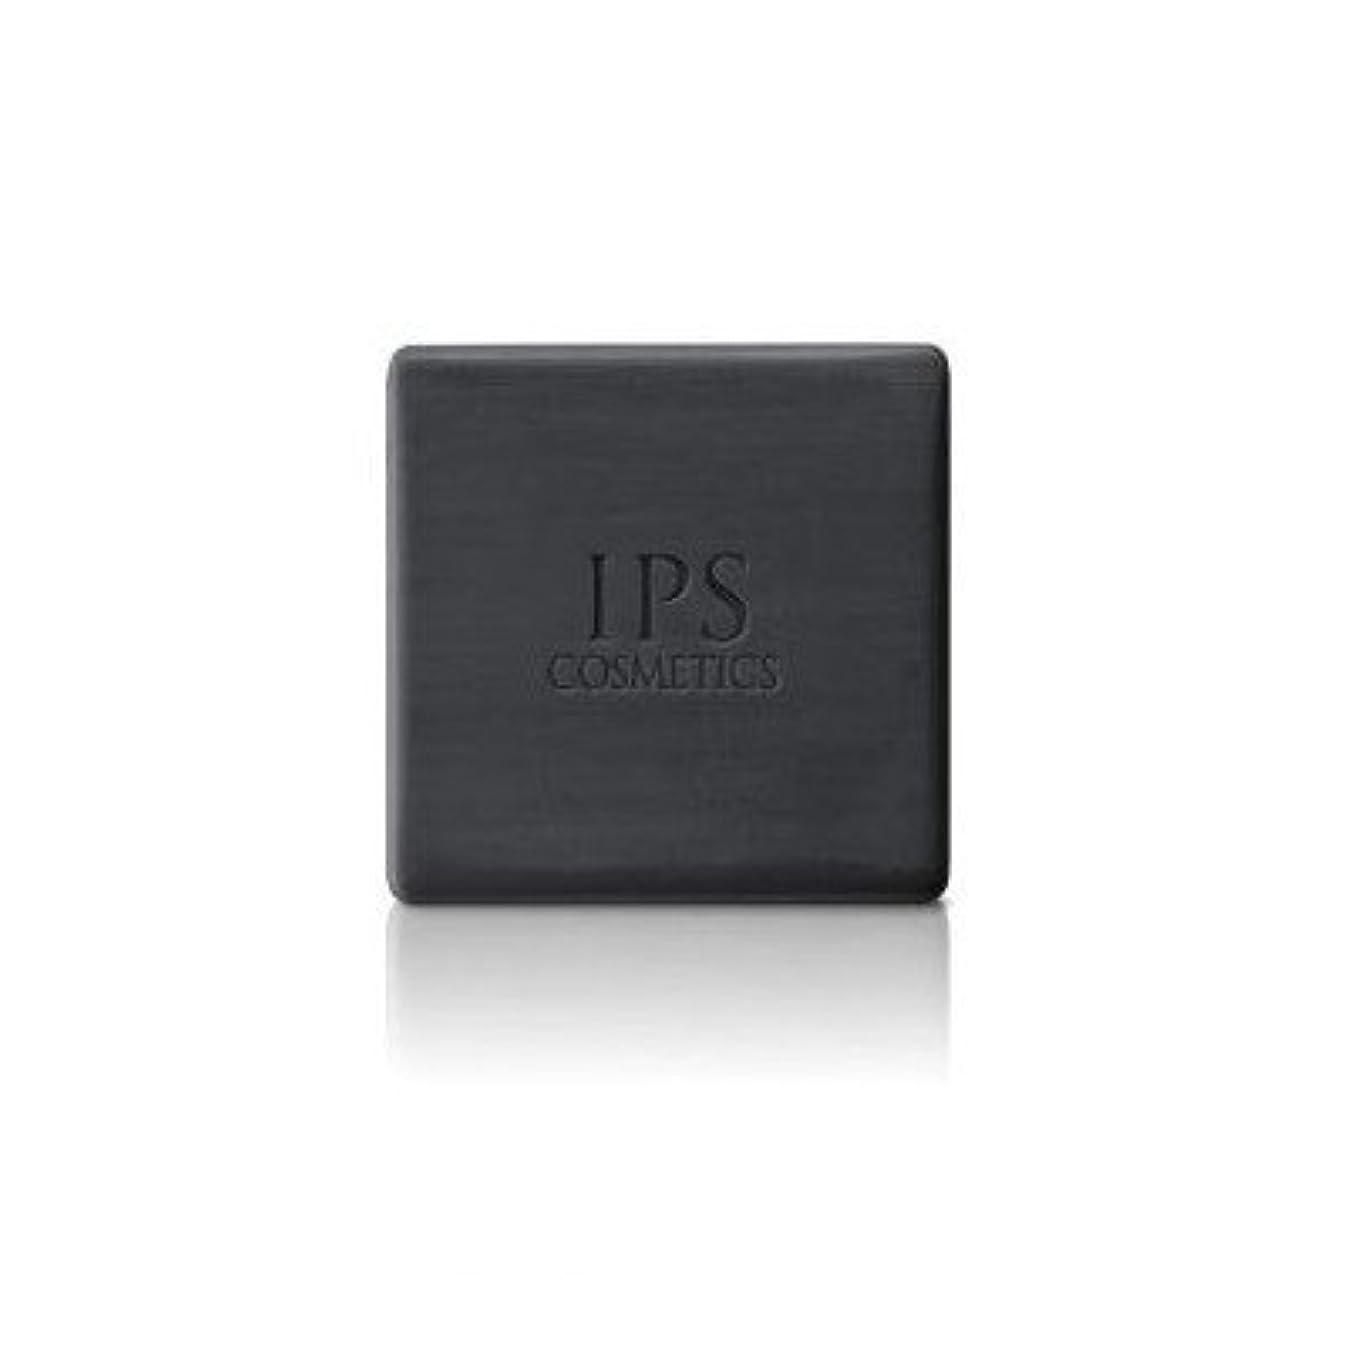 編集するスリラー団結お得な3個セット IPS コンディショニングバー 洗顔石鹸 120g